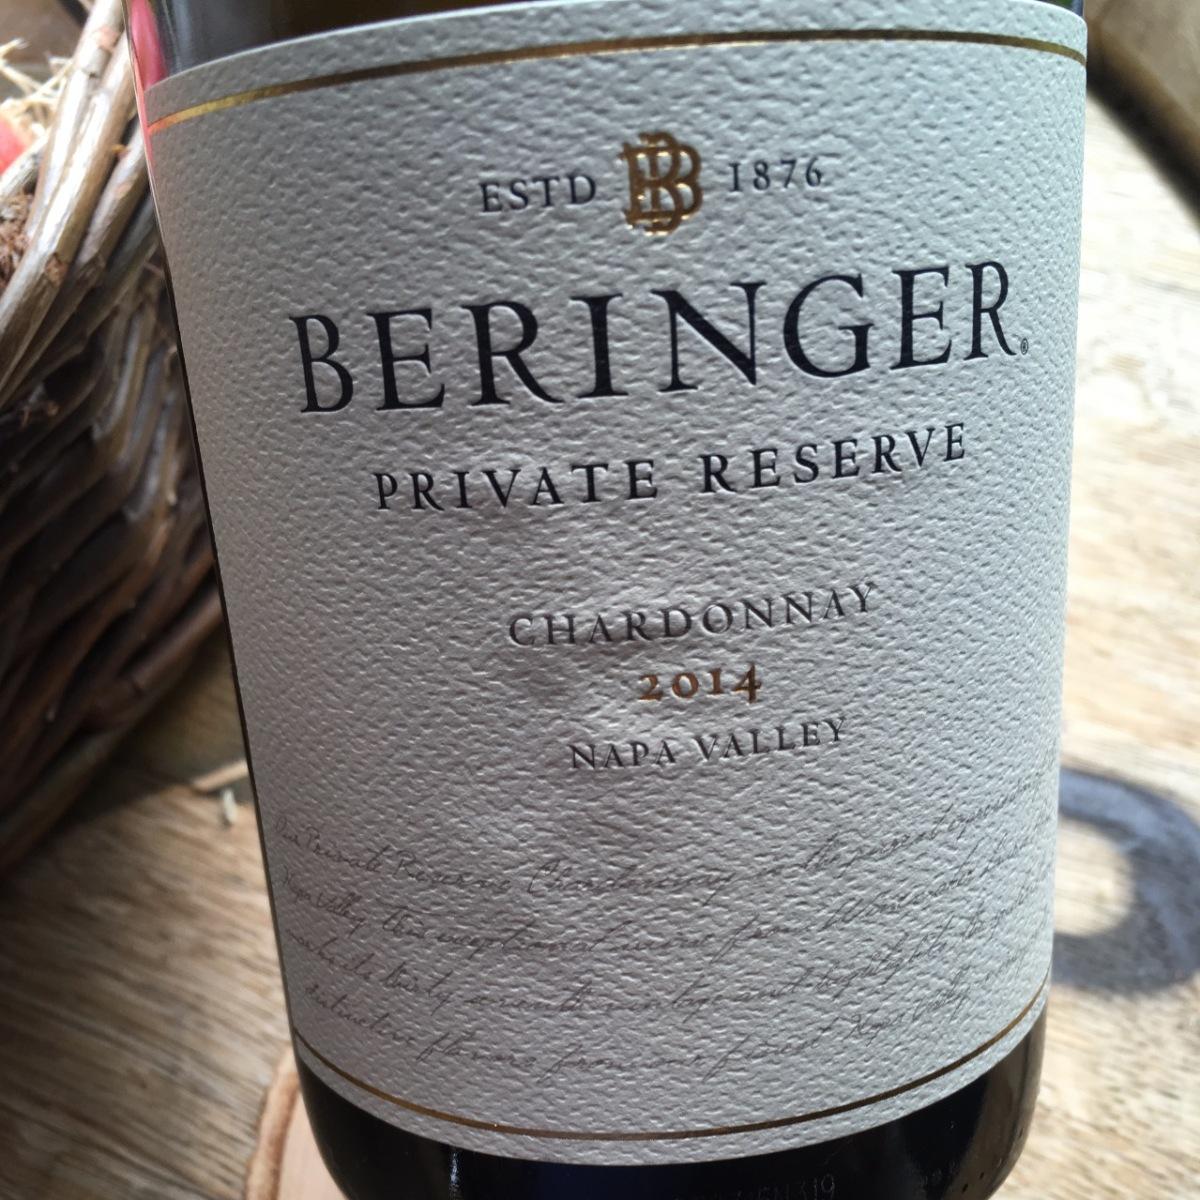 Napa Valley, Wein, Weinprobe, Ausflug, Ausflugsziel, Wochenendtrip, Ausflugstipp, Geyser, Wein Tasting, Beringer, California